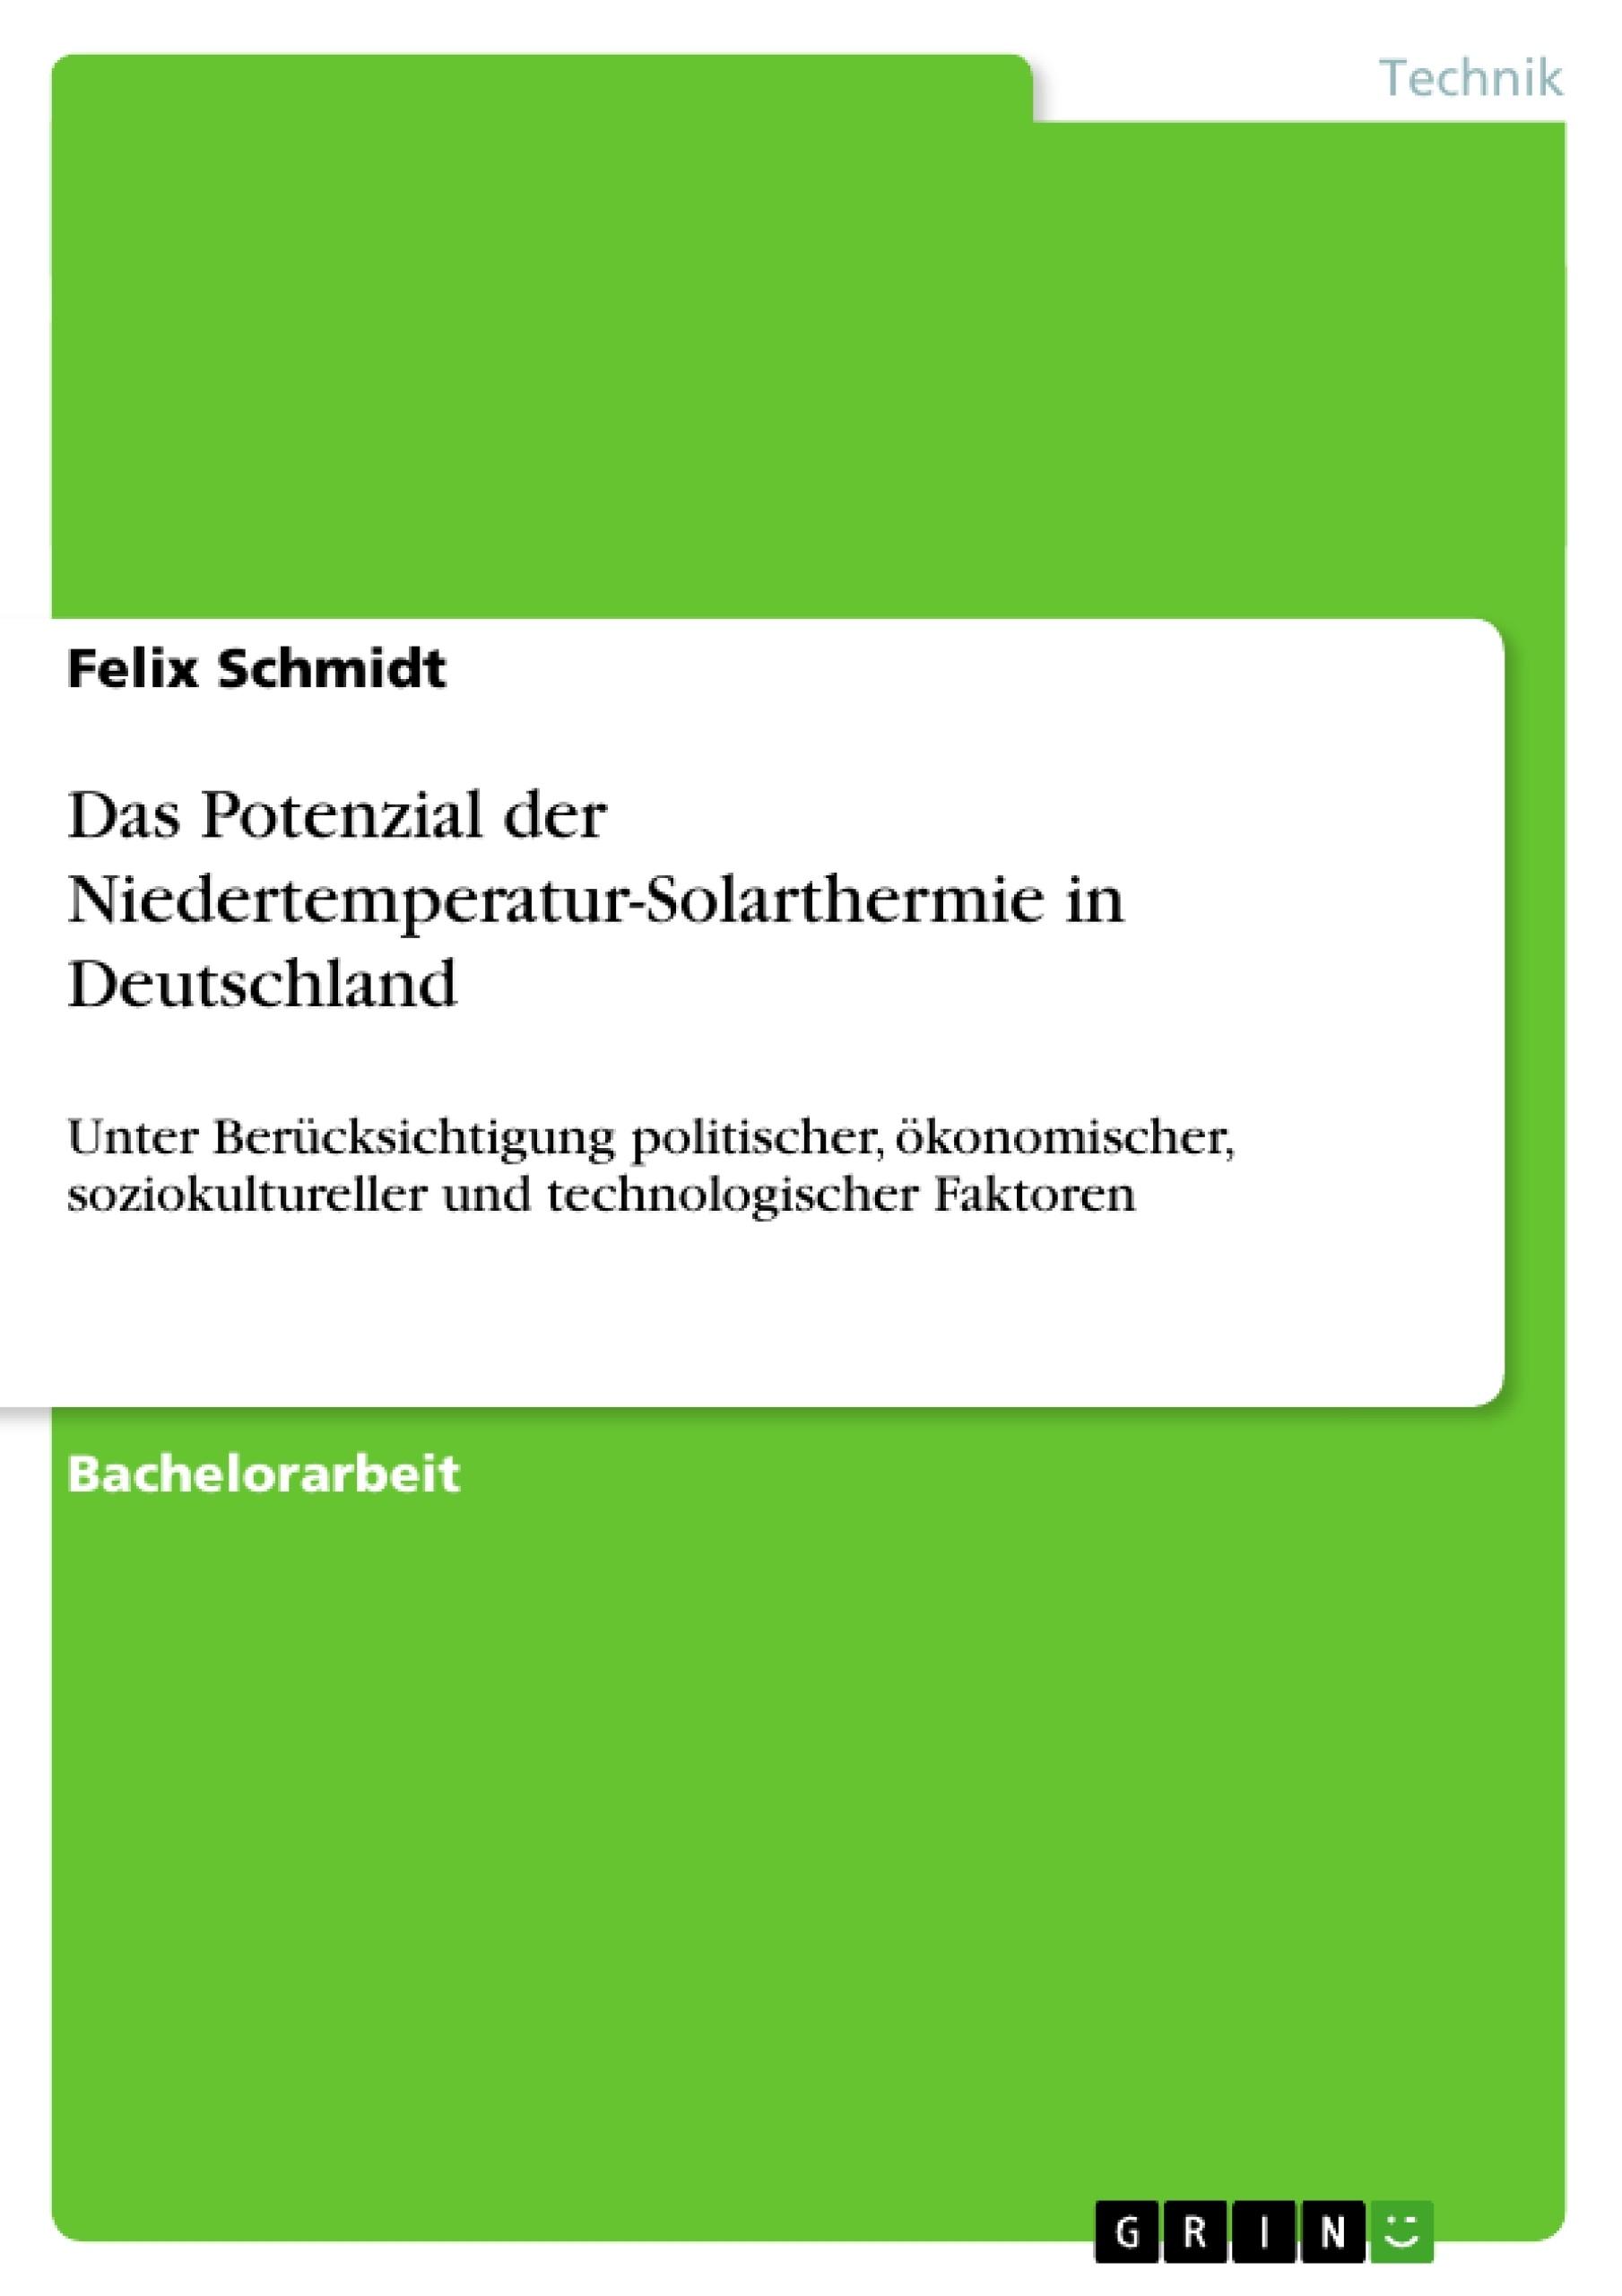 Titel: Das Potenzial der Niedertemperatur-Solarthermie in Deutschland